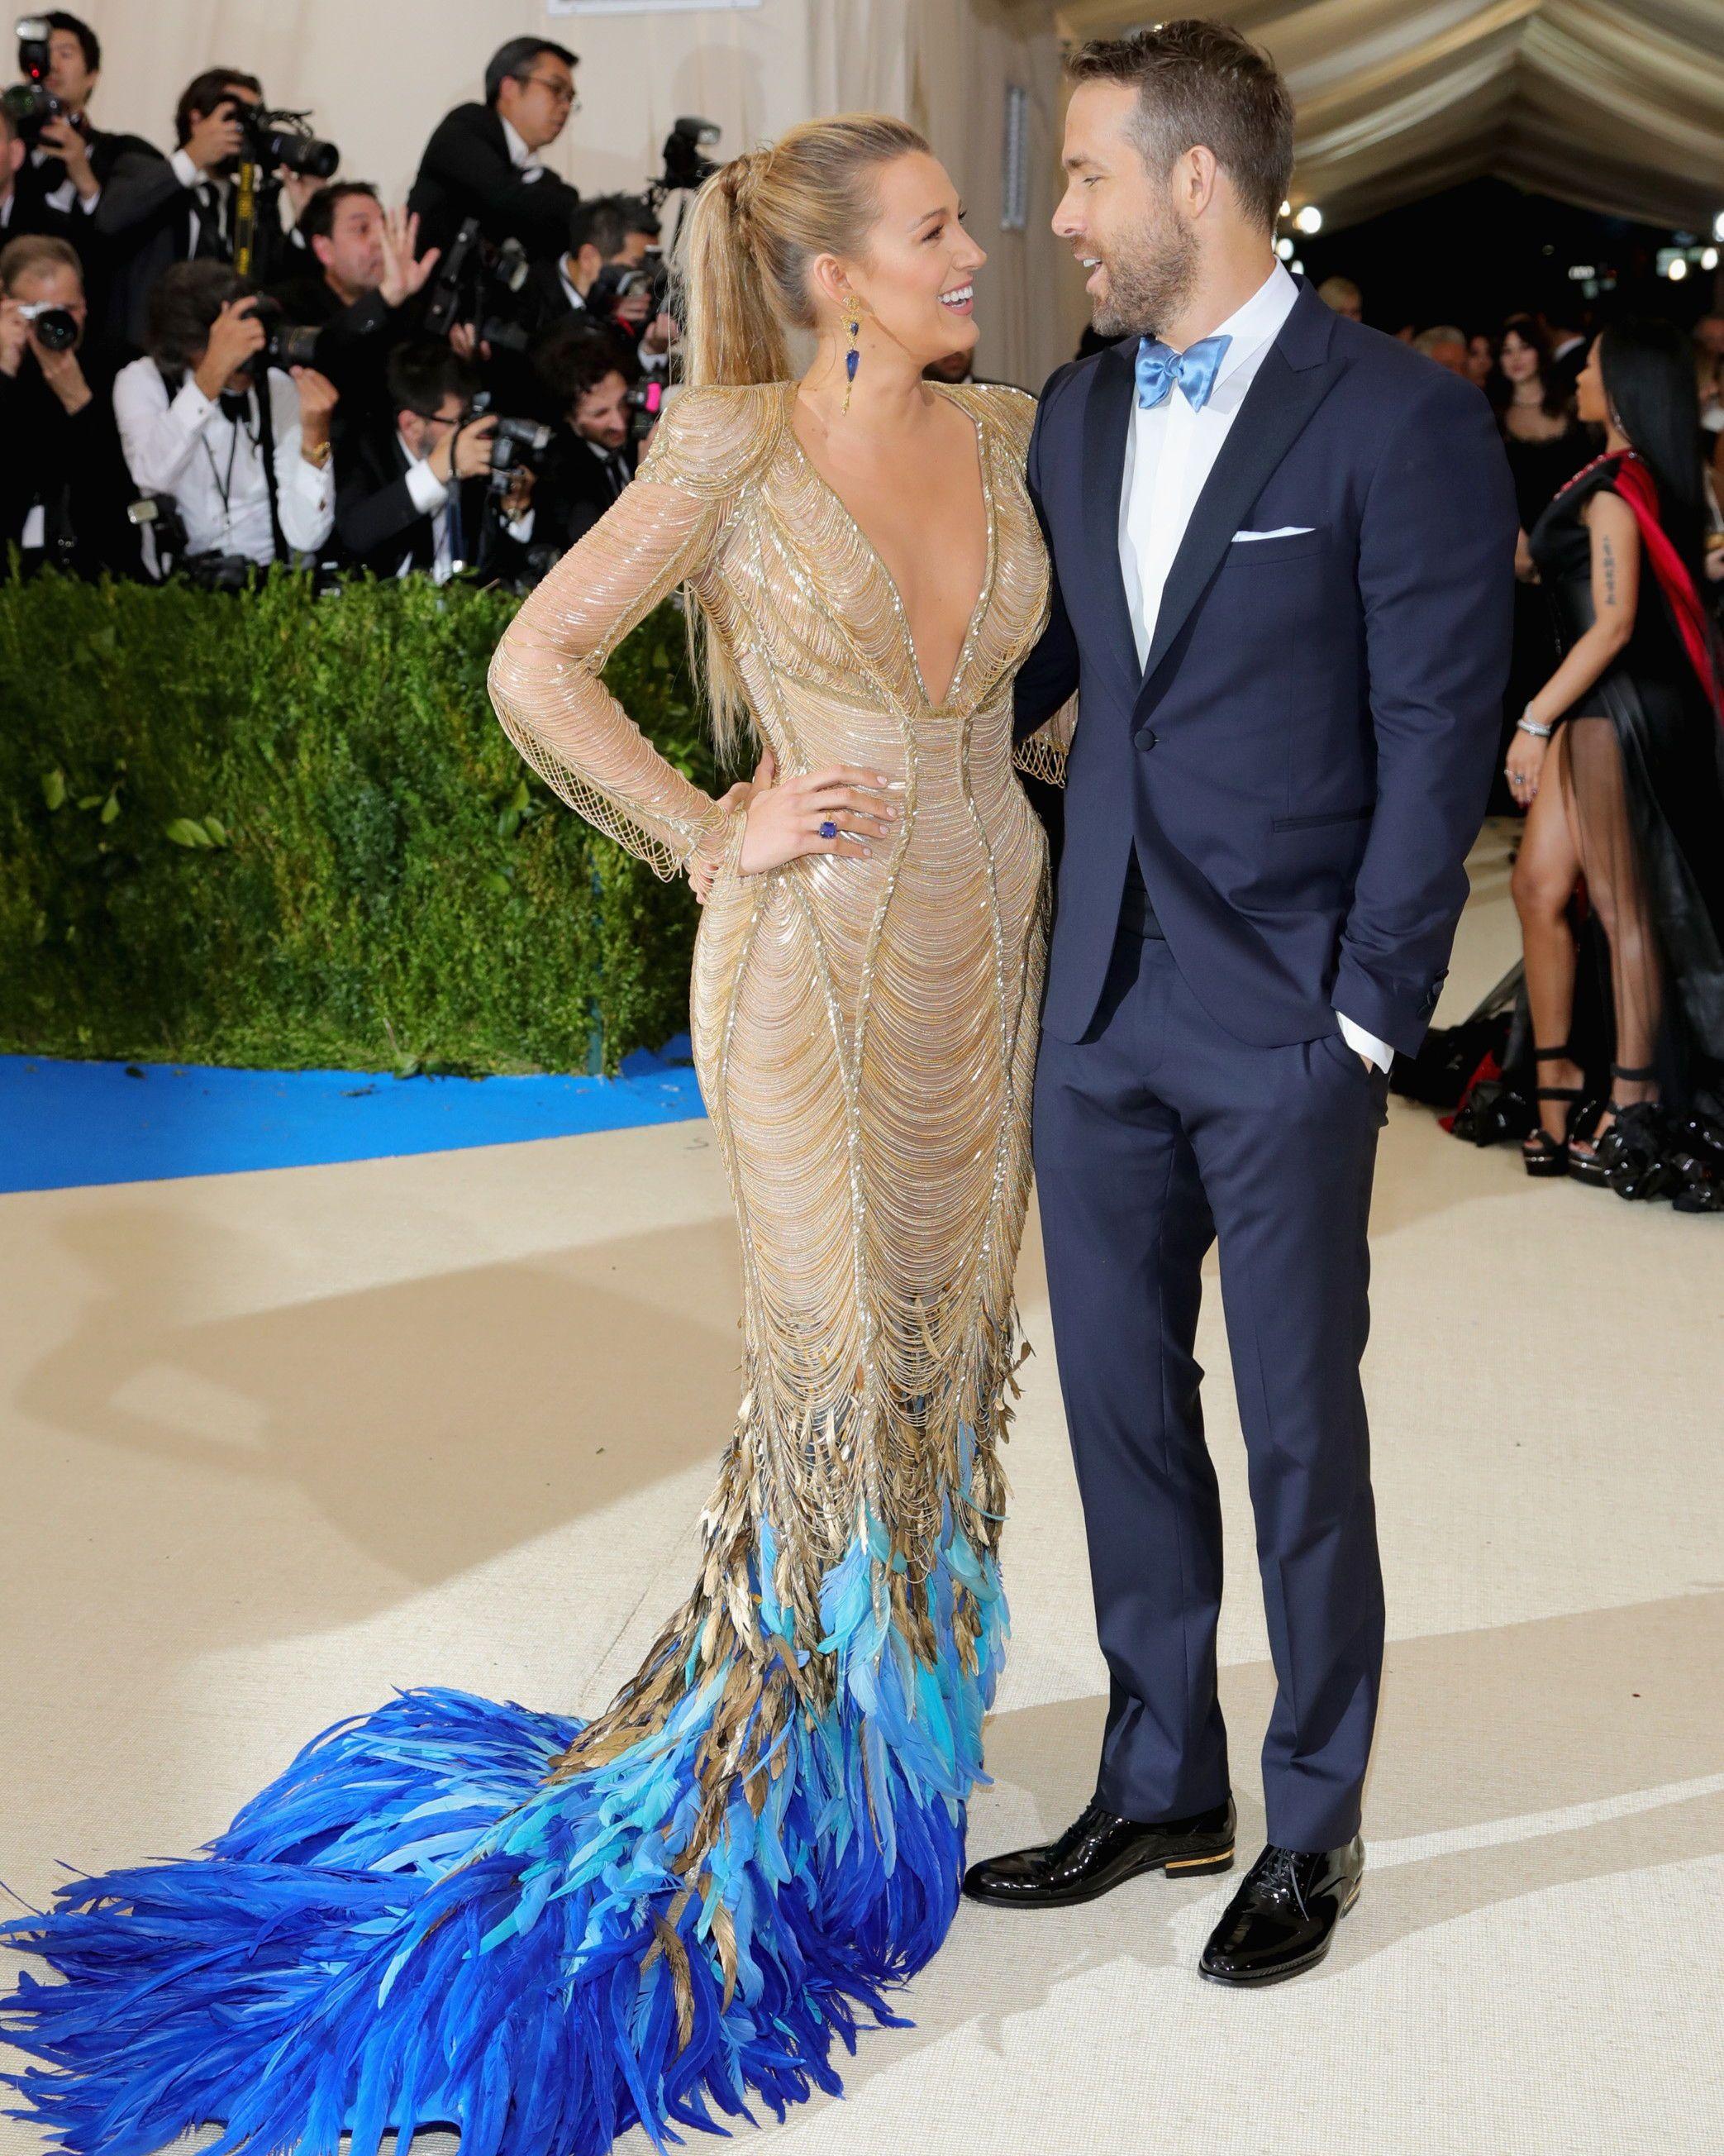 39 Relationship Secrets from Married Celebrities Met